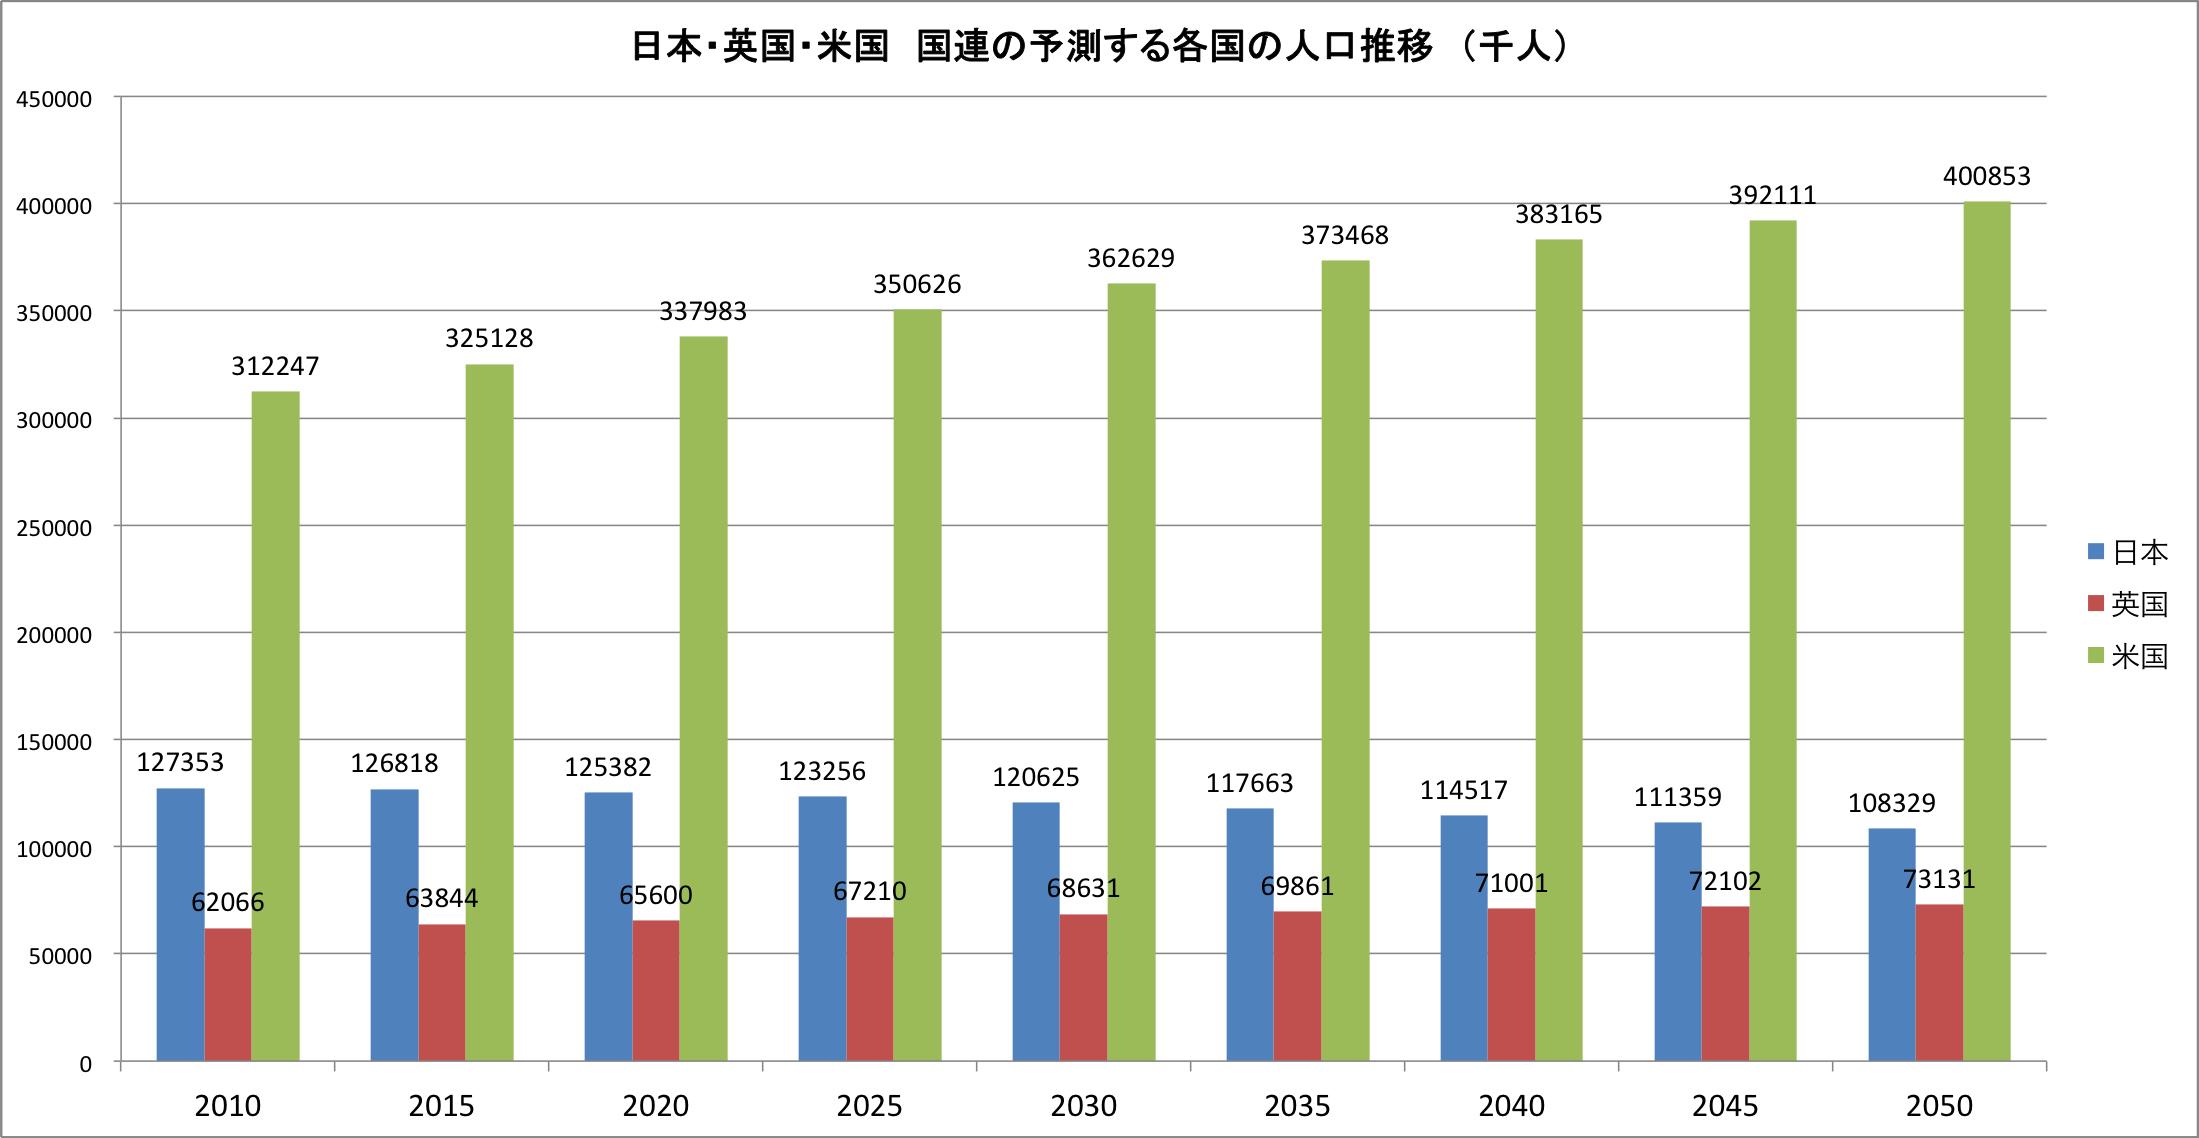 日本・英国・米国 国連の予測する各国の人口推移